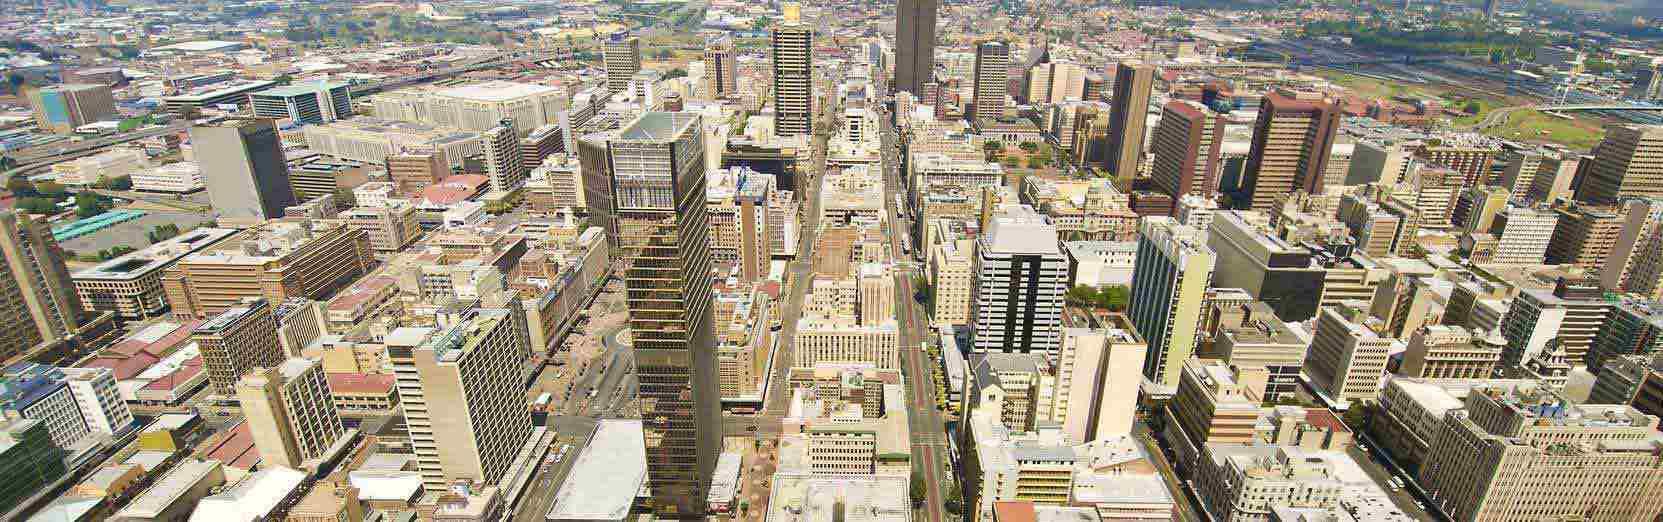 Auto mieten in Johannesburg